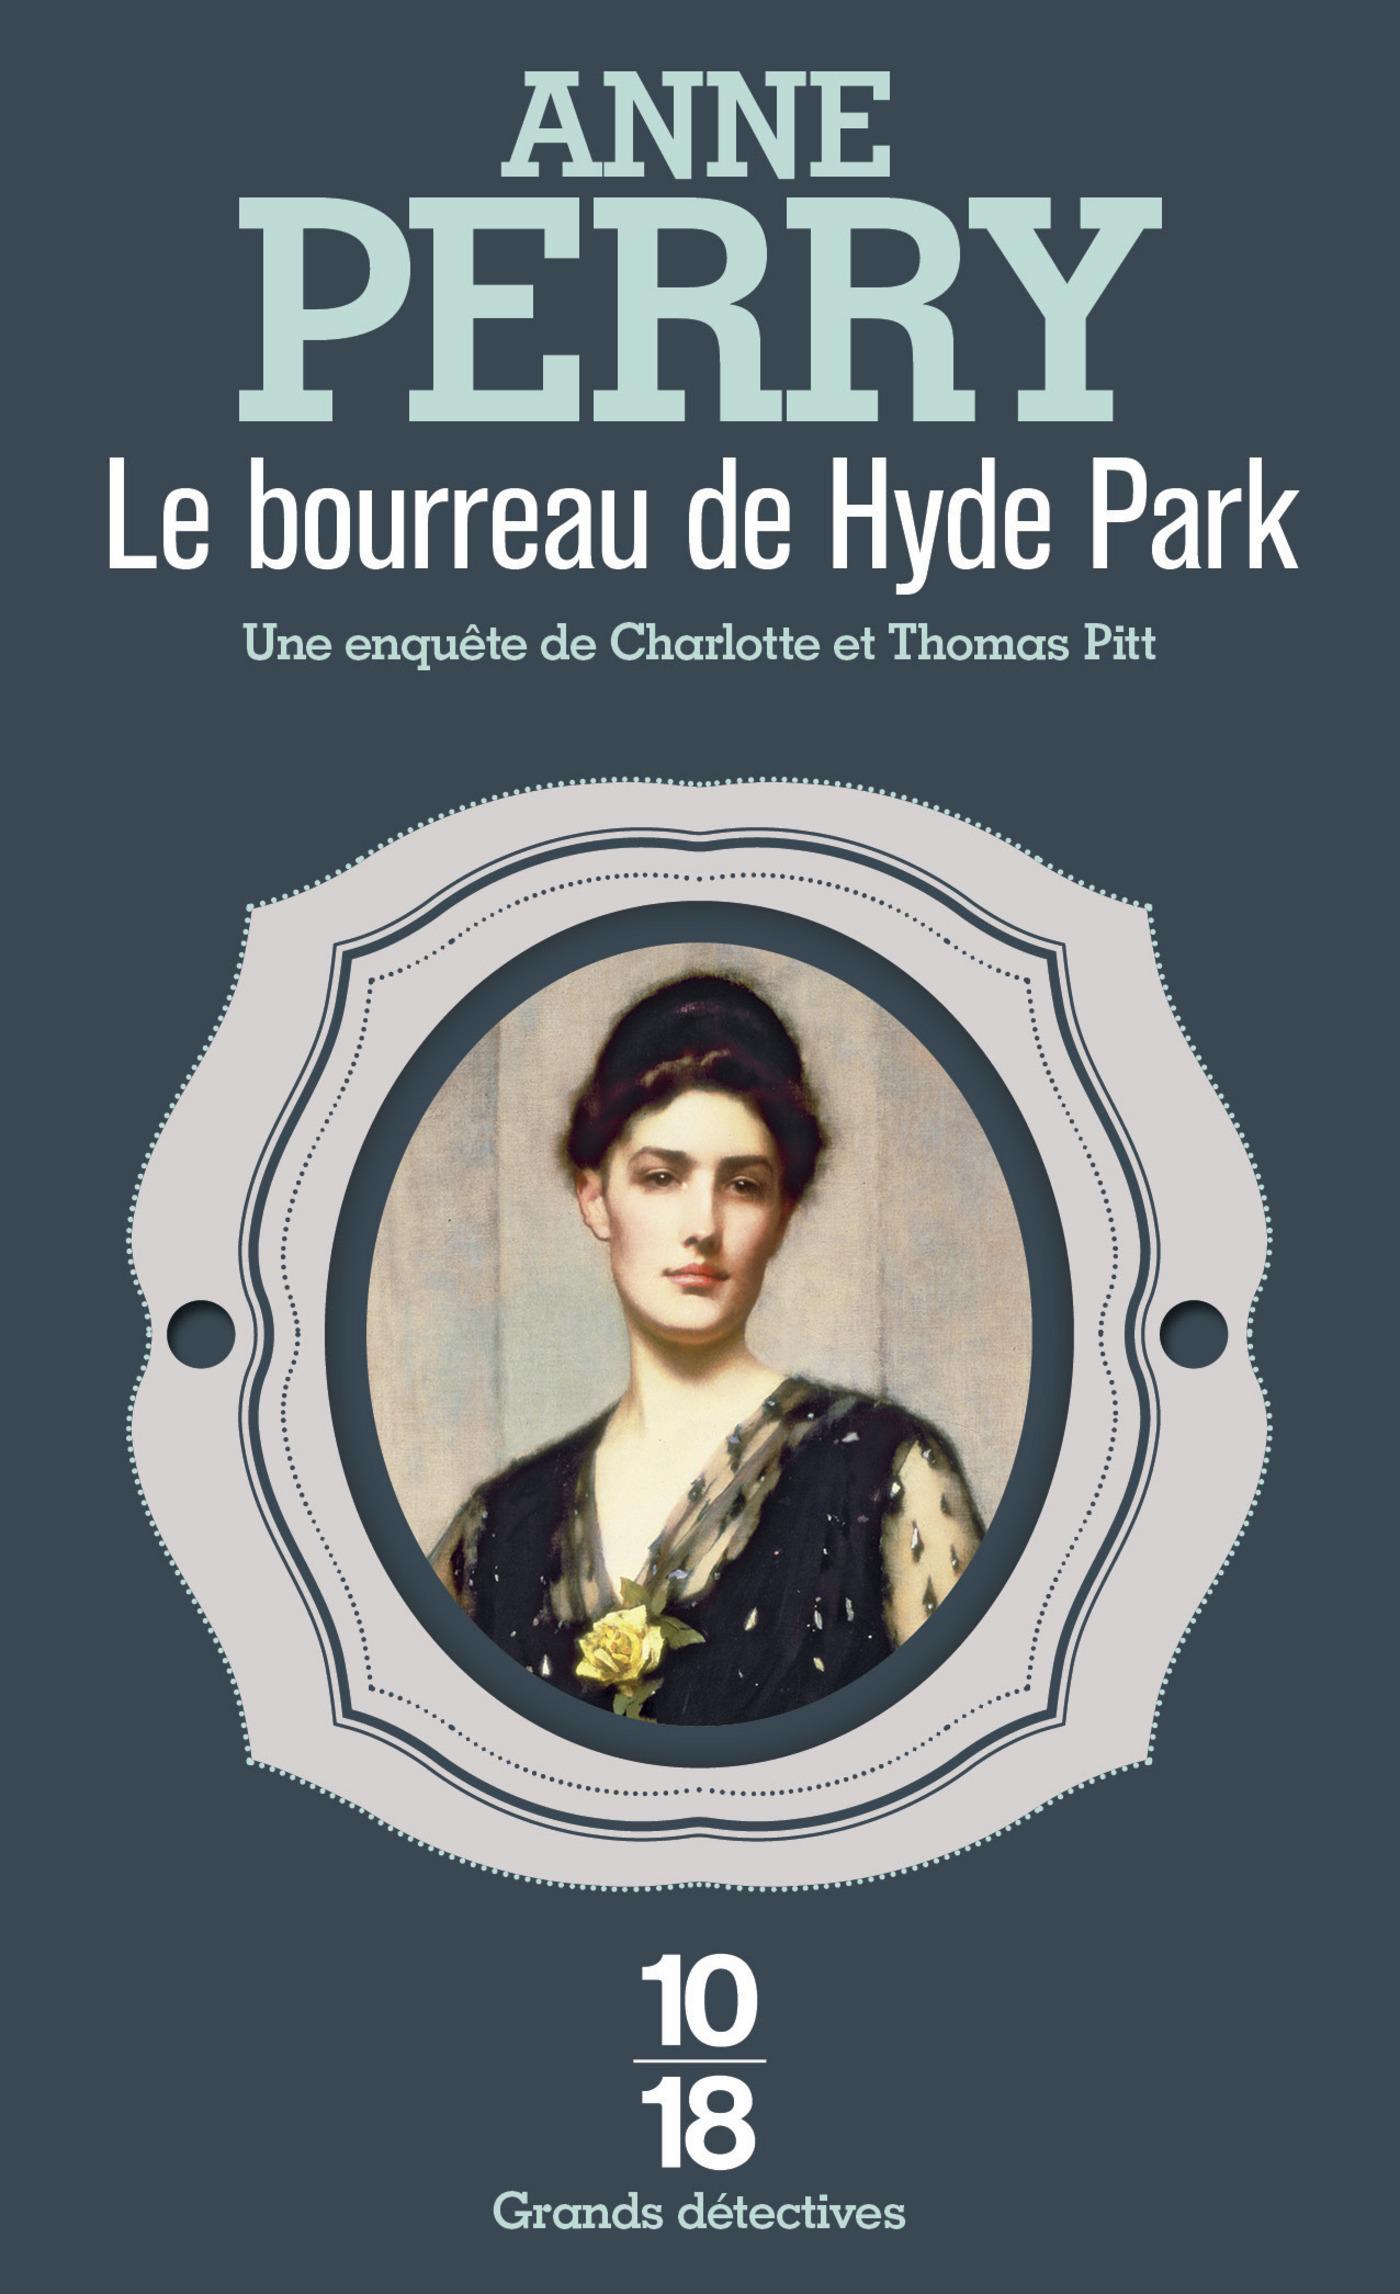 Le bourreau de Hyde Park